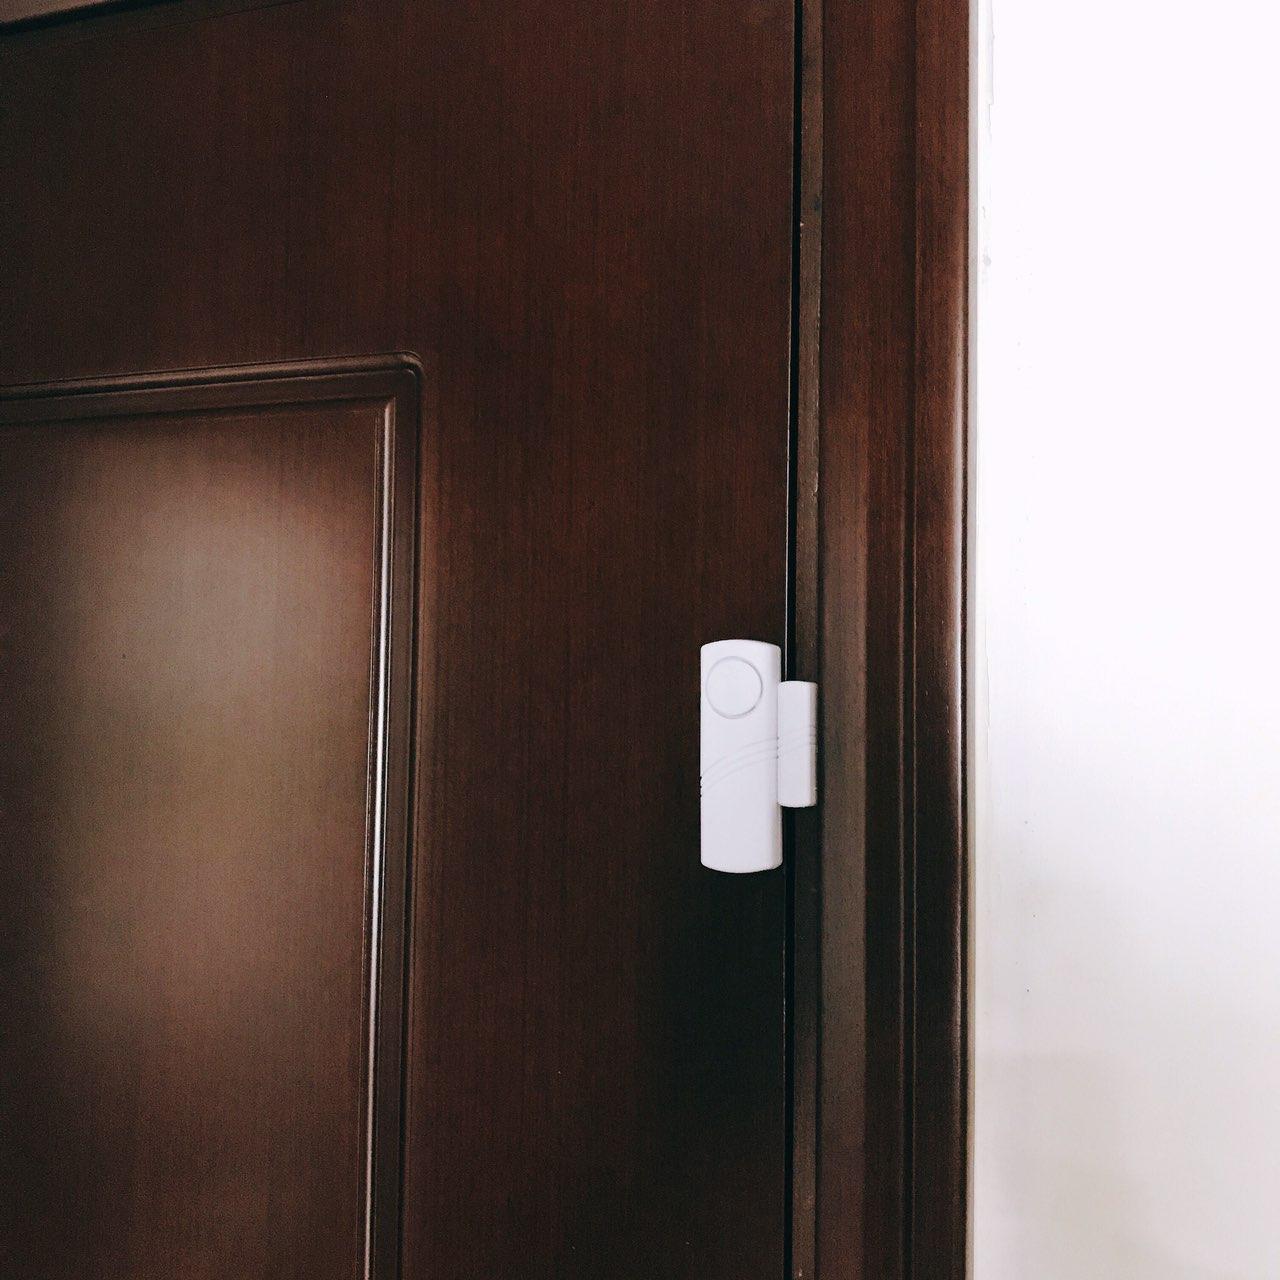 Báo động chống trộm gắn cửa